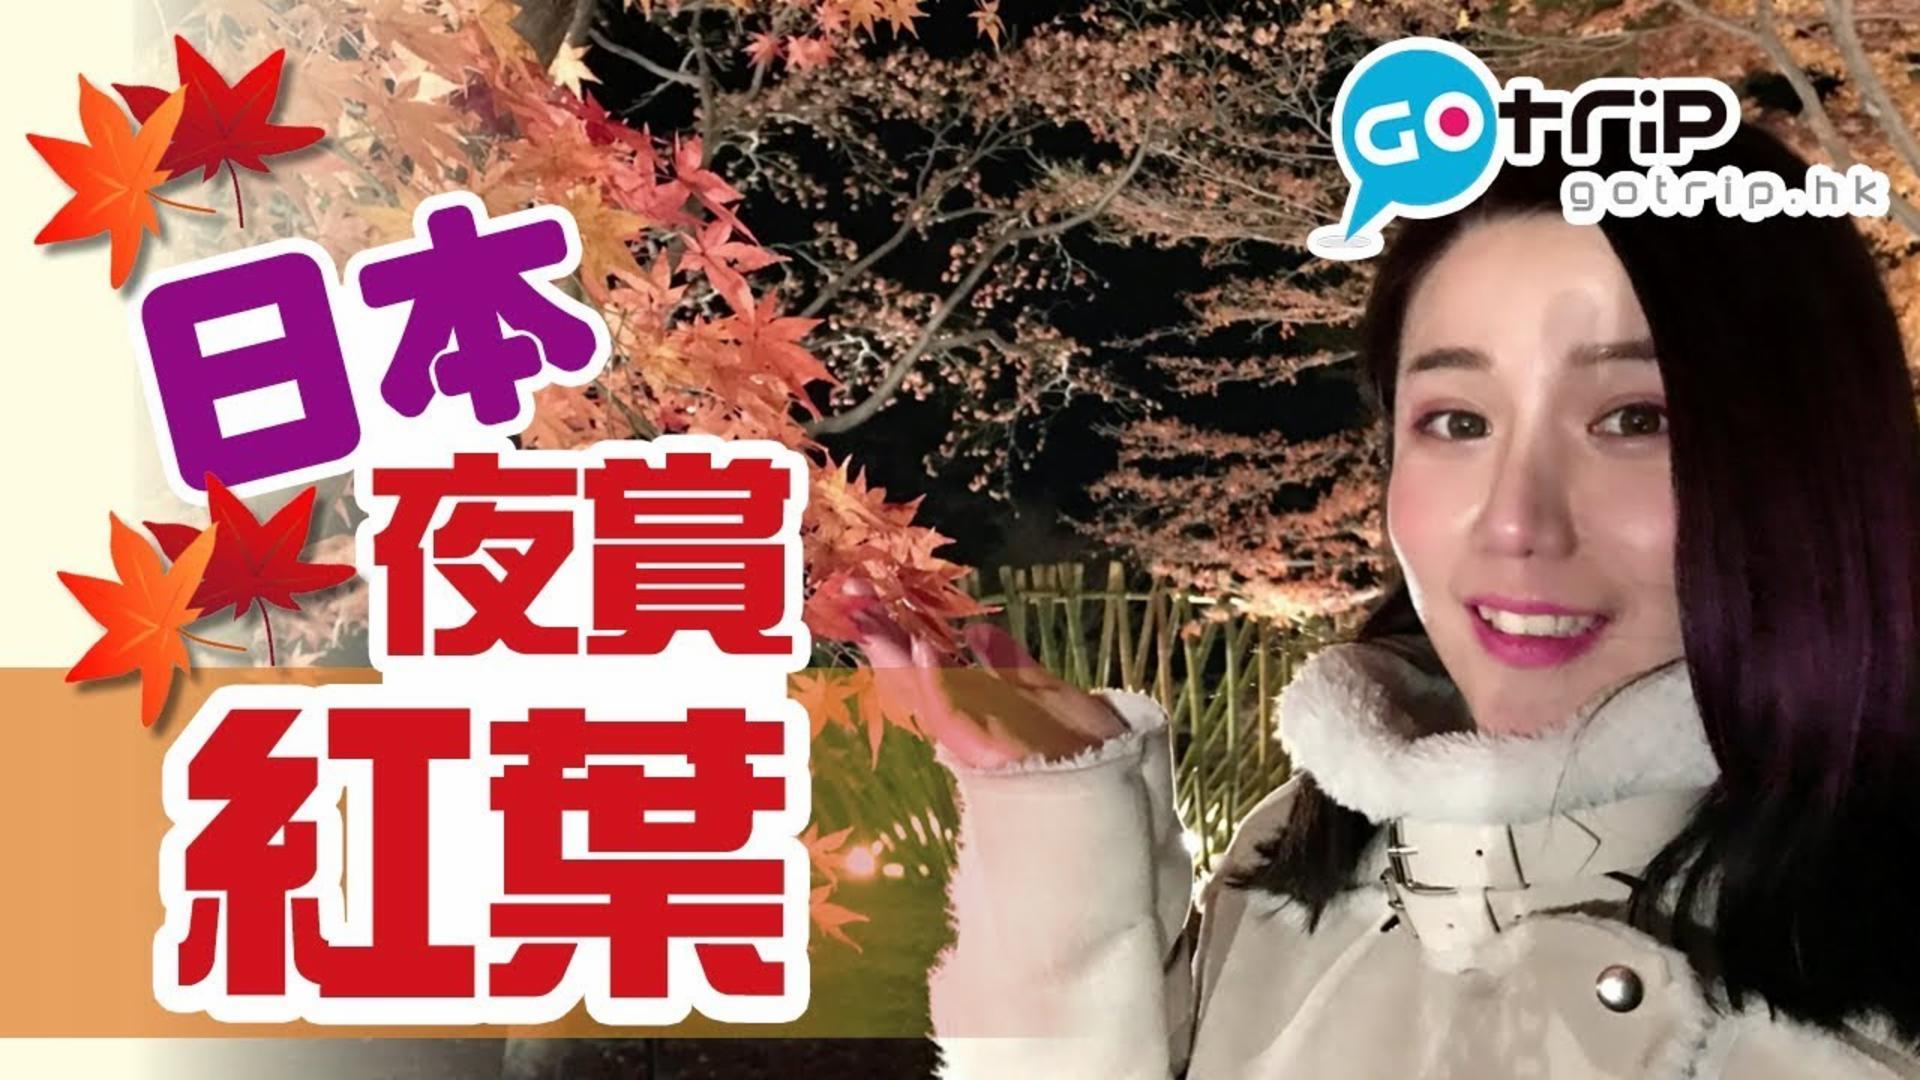 日本 森林公園賞夜楓 抓緊秋天的尾巴【學做日本人】Ep.8